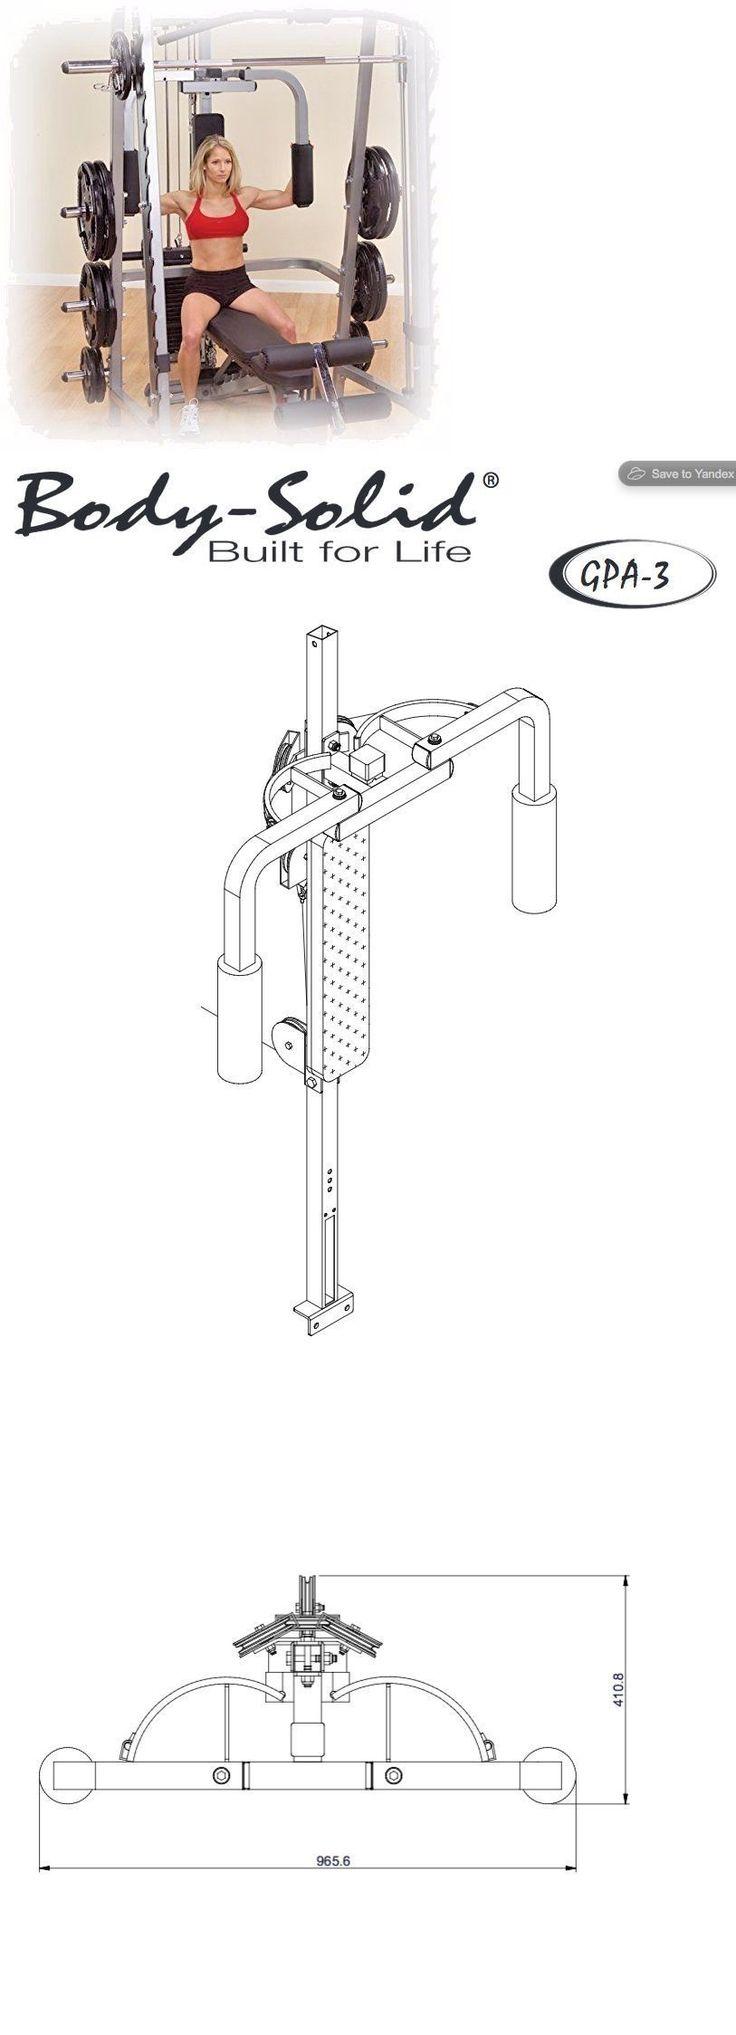 smith machine upright row alternative